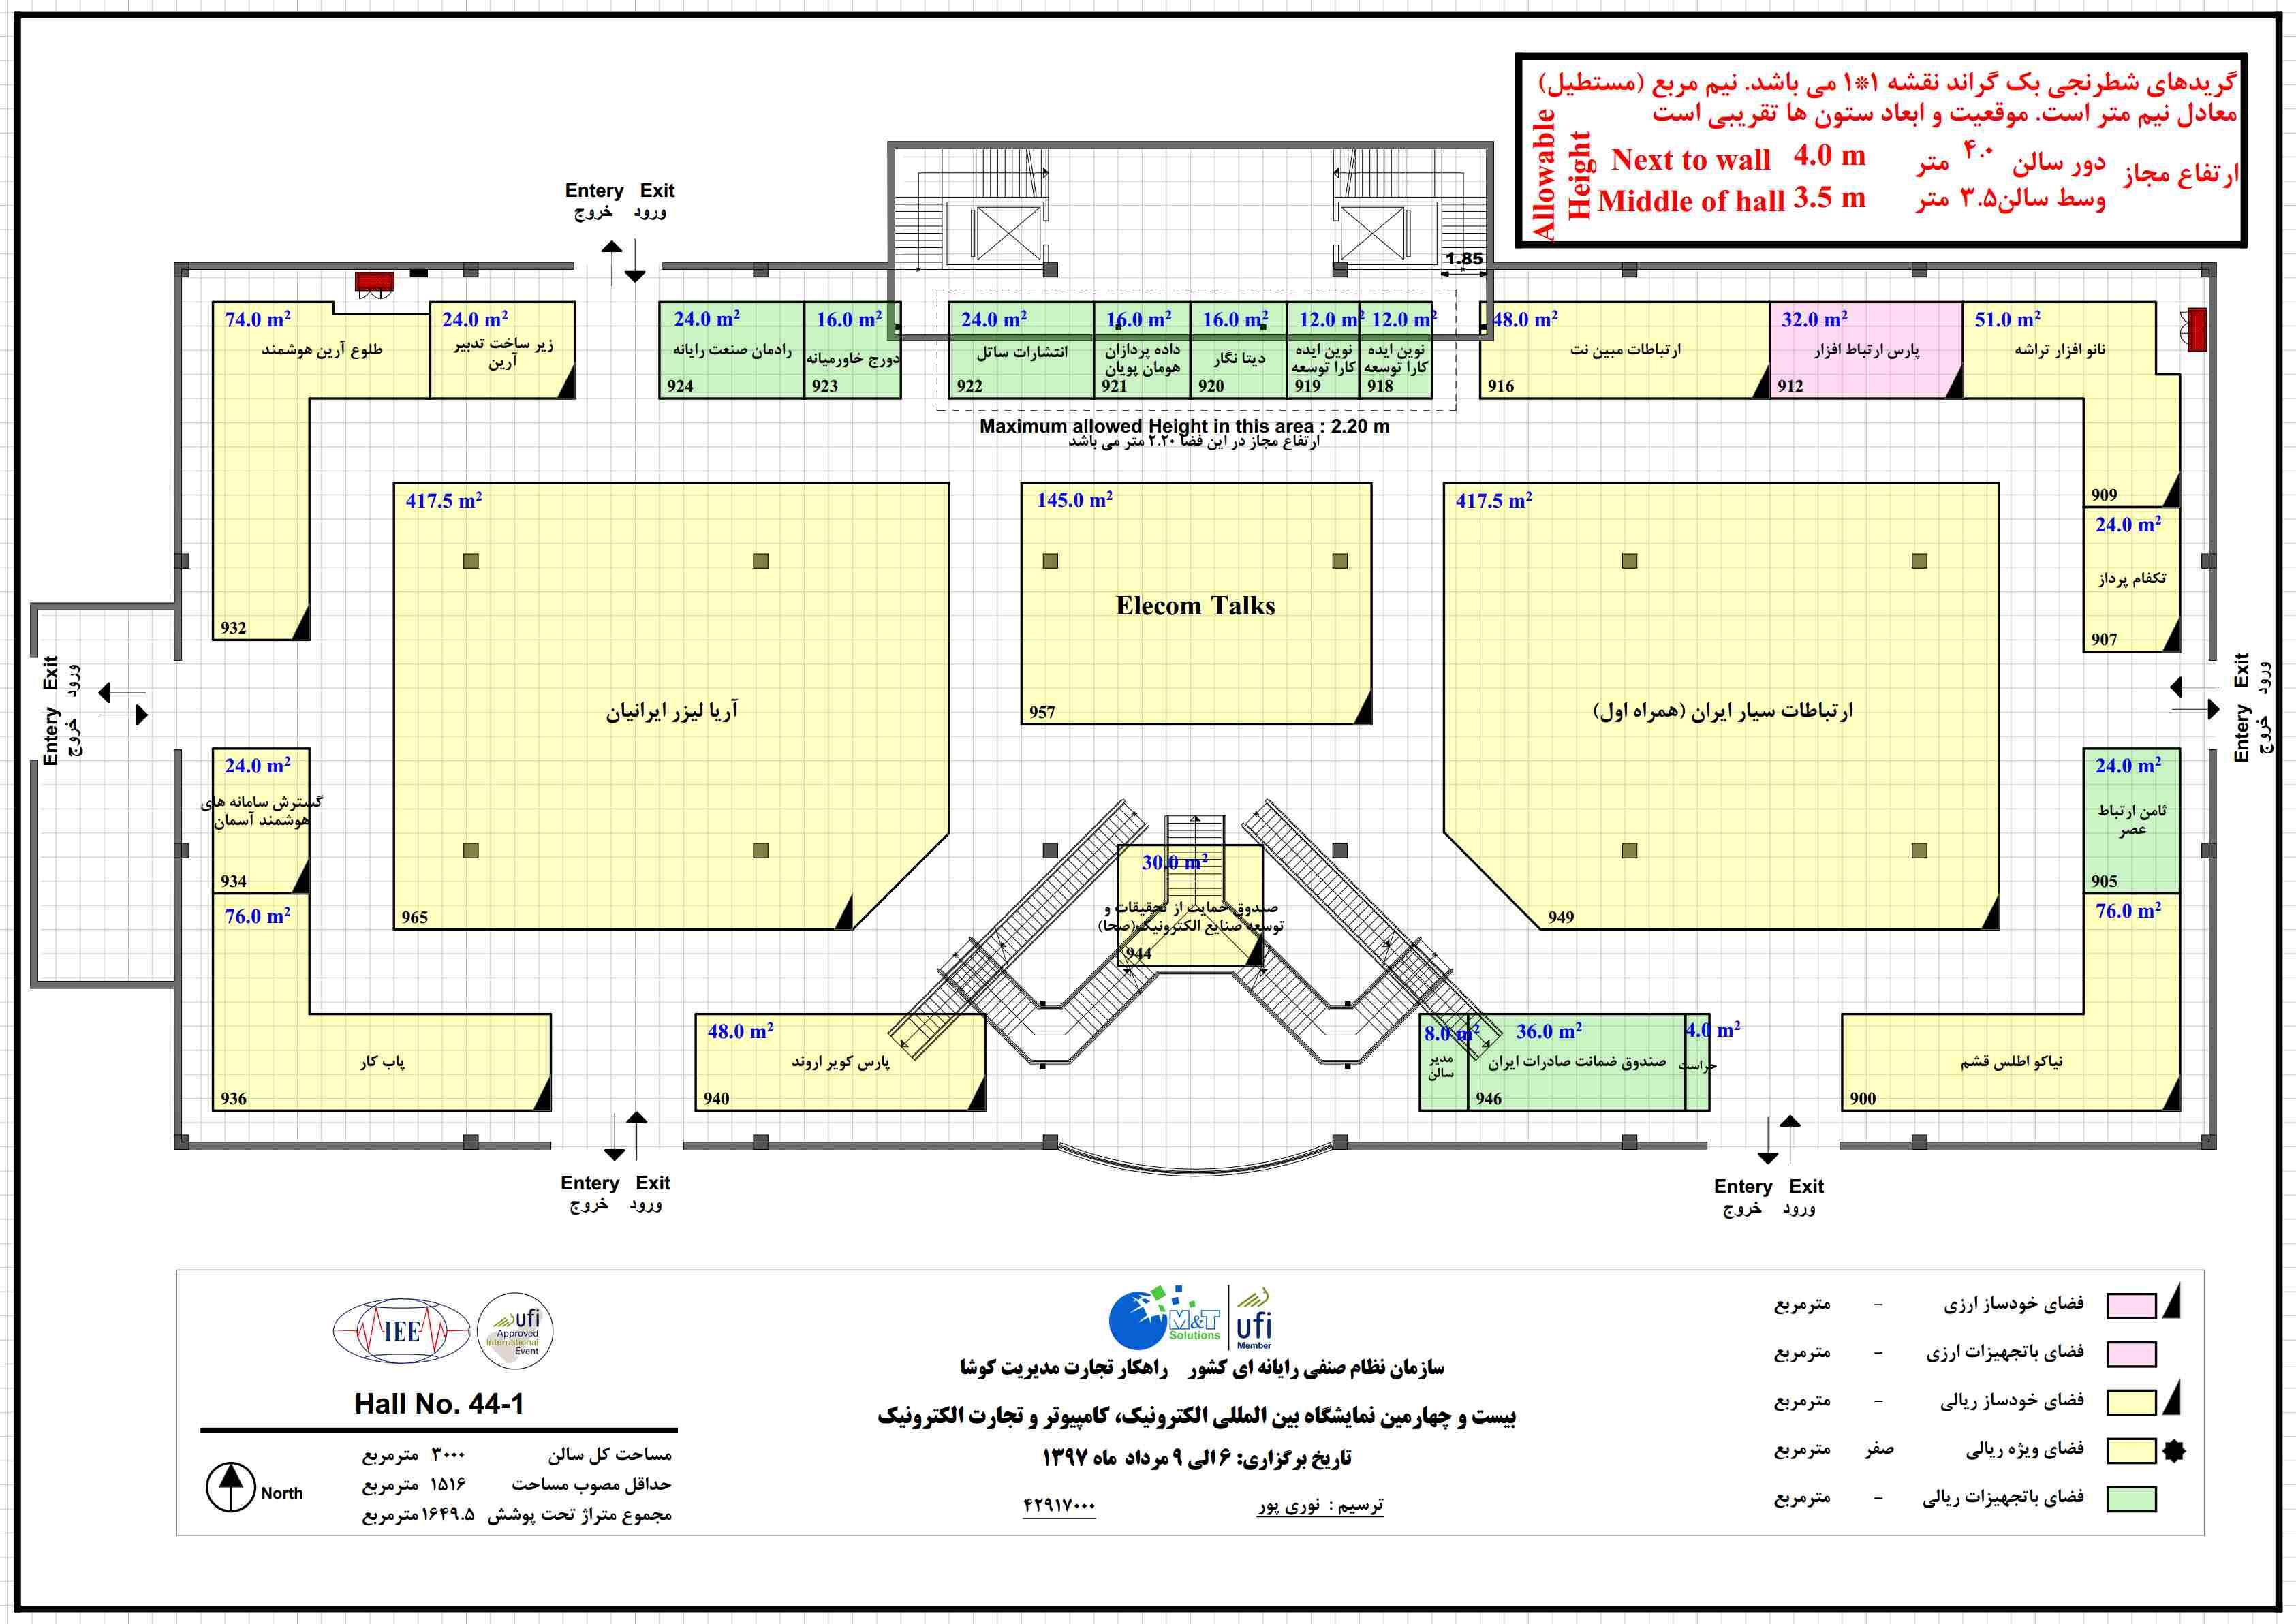 نقشه راهنمای نمایشگاه الکامپ تهران سالن 44A